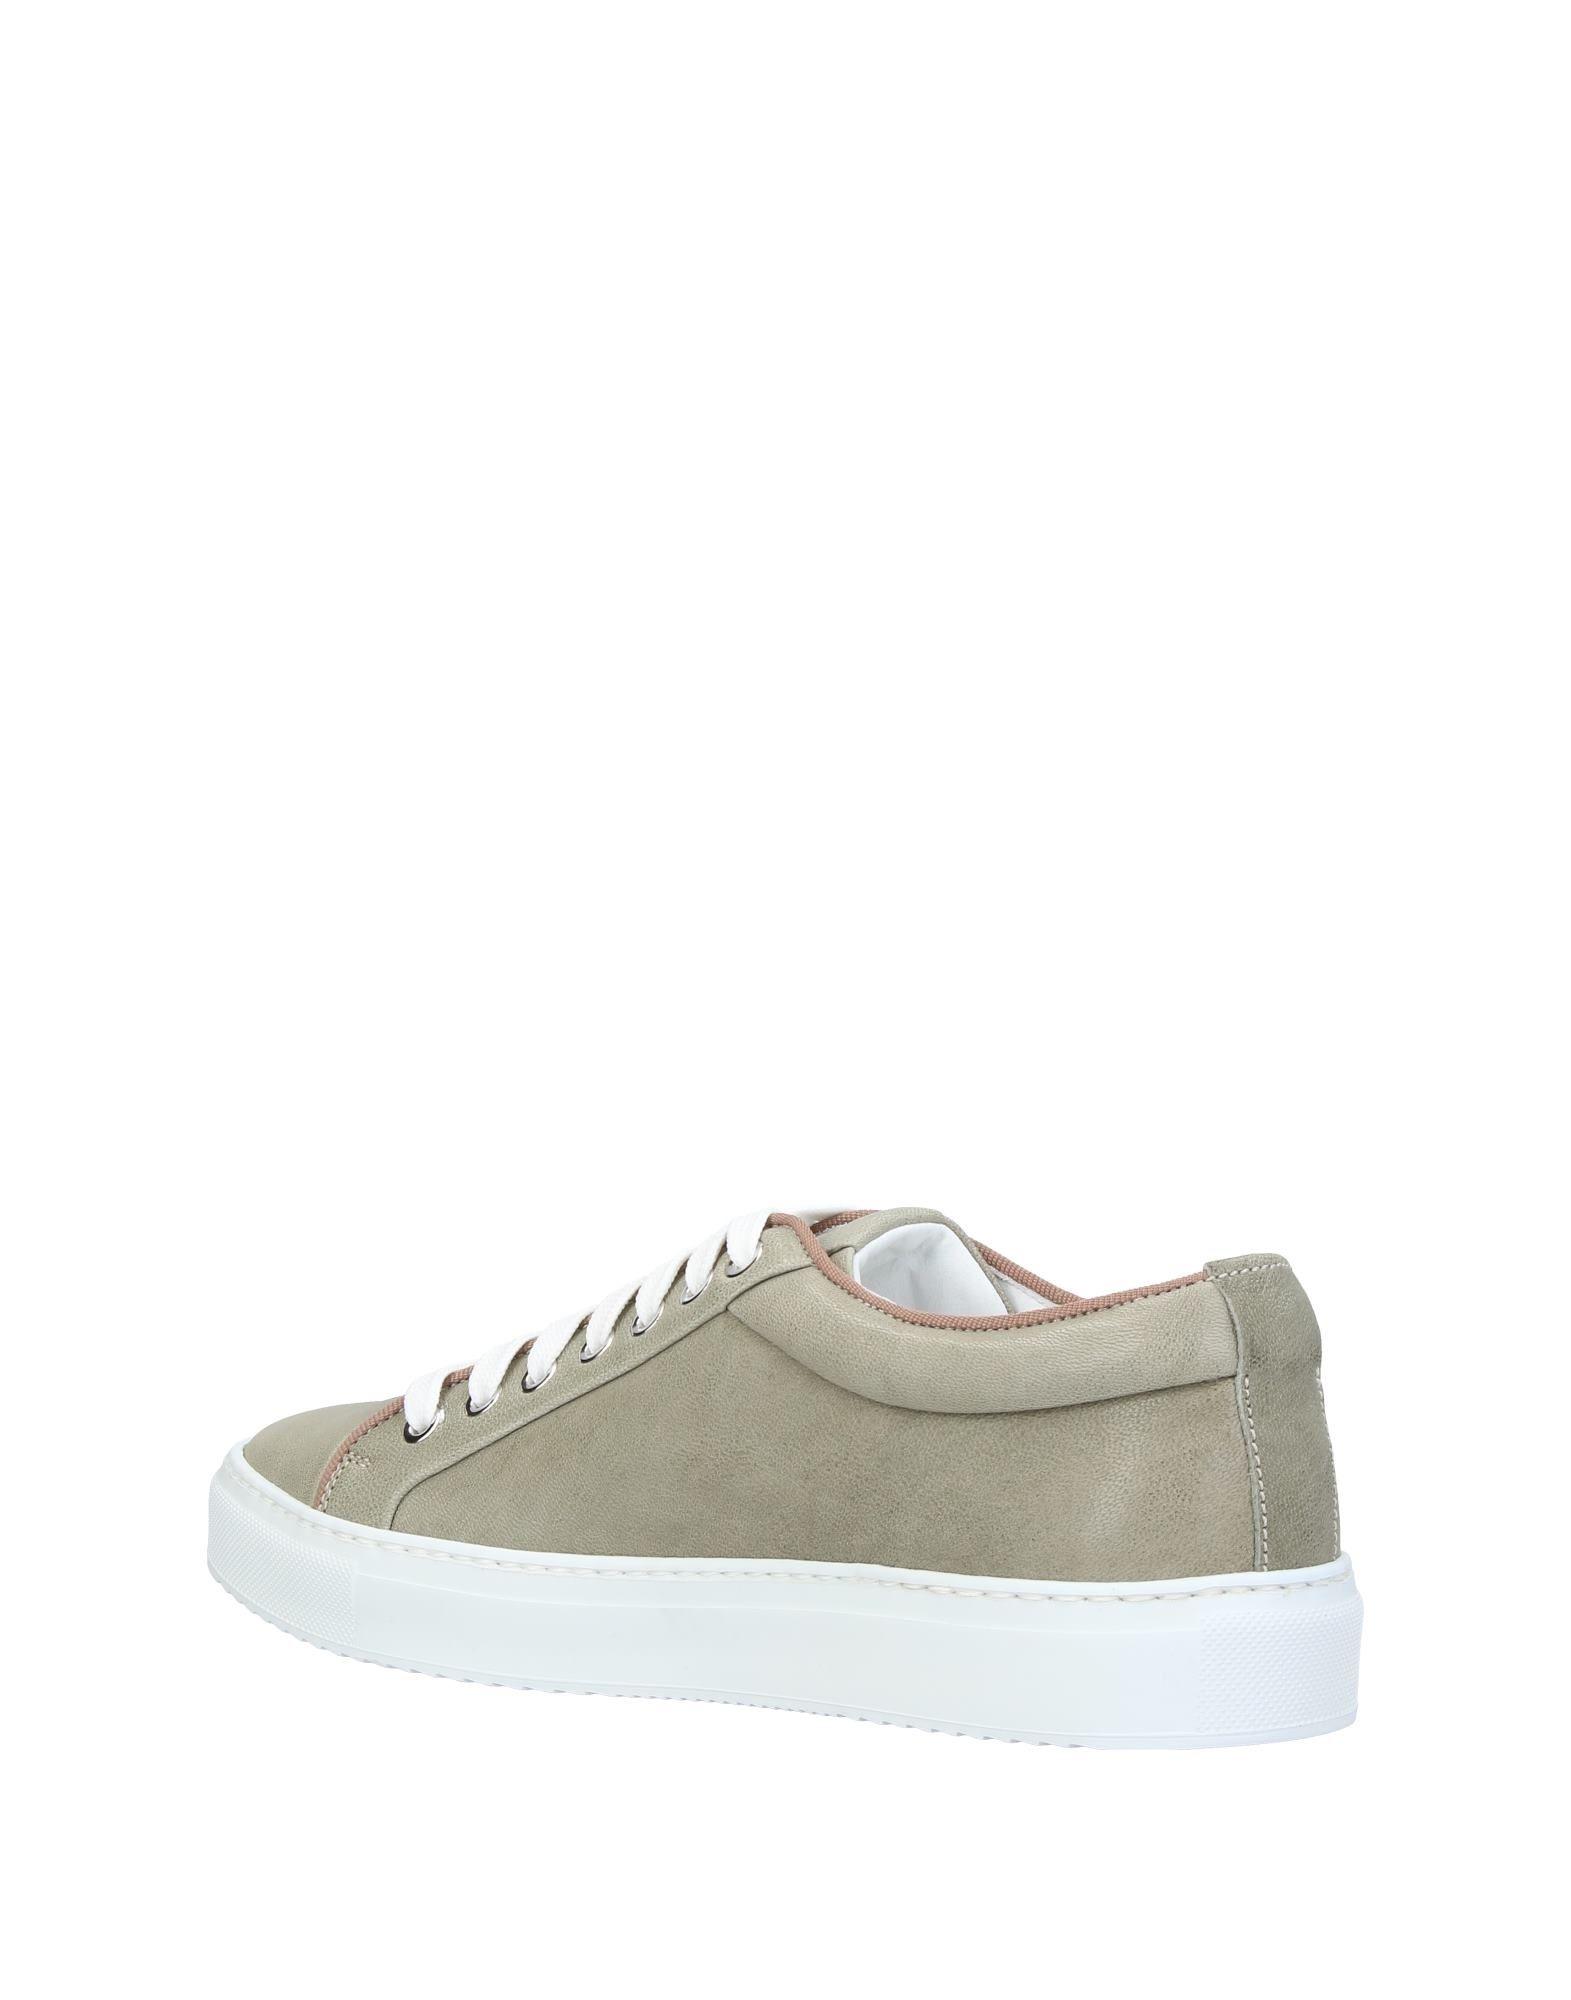 Moda Moda Moda Sneakers Fabi Uomo - 11415508LI 6aa044